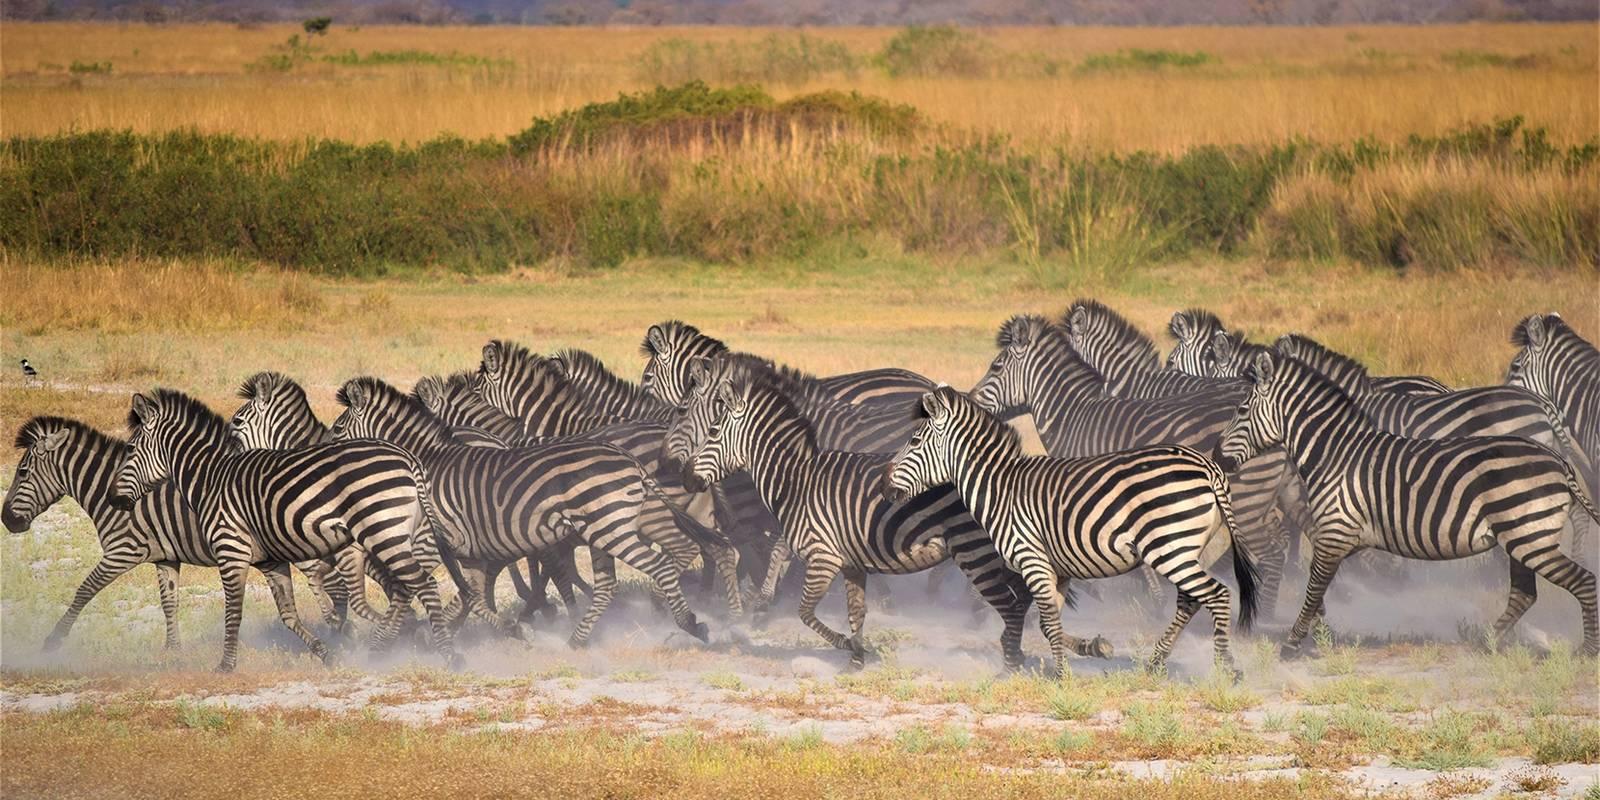 Voyage de reconnaissance : Aux frontières du Zambèze